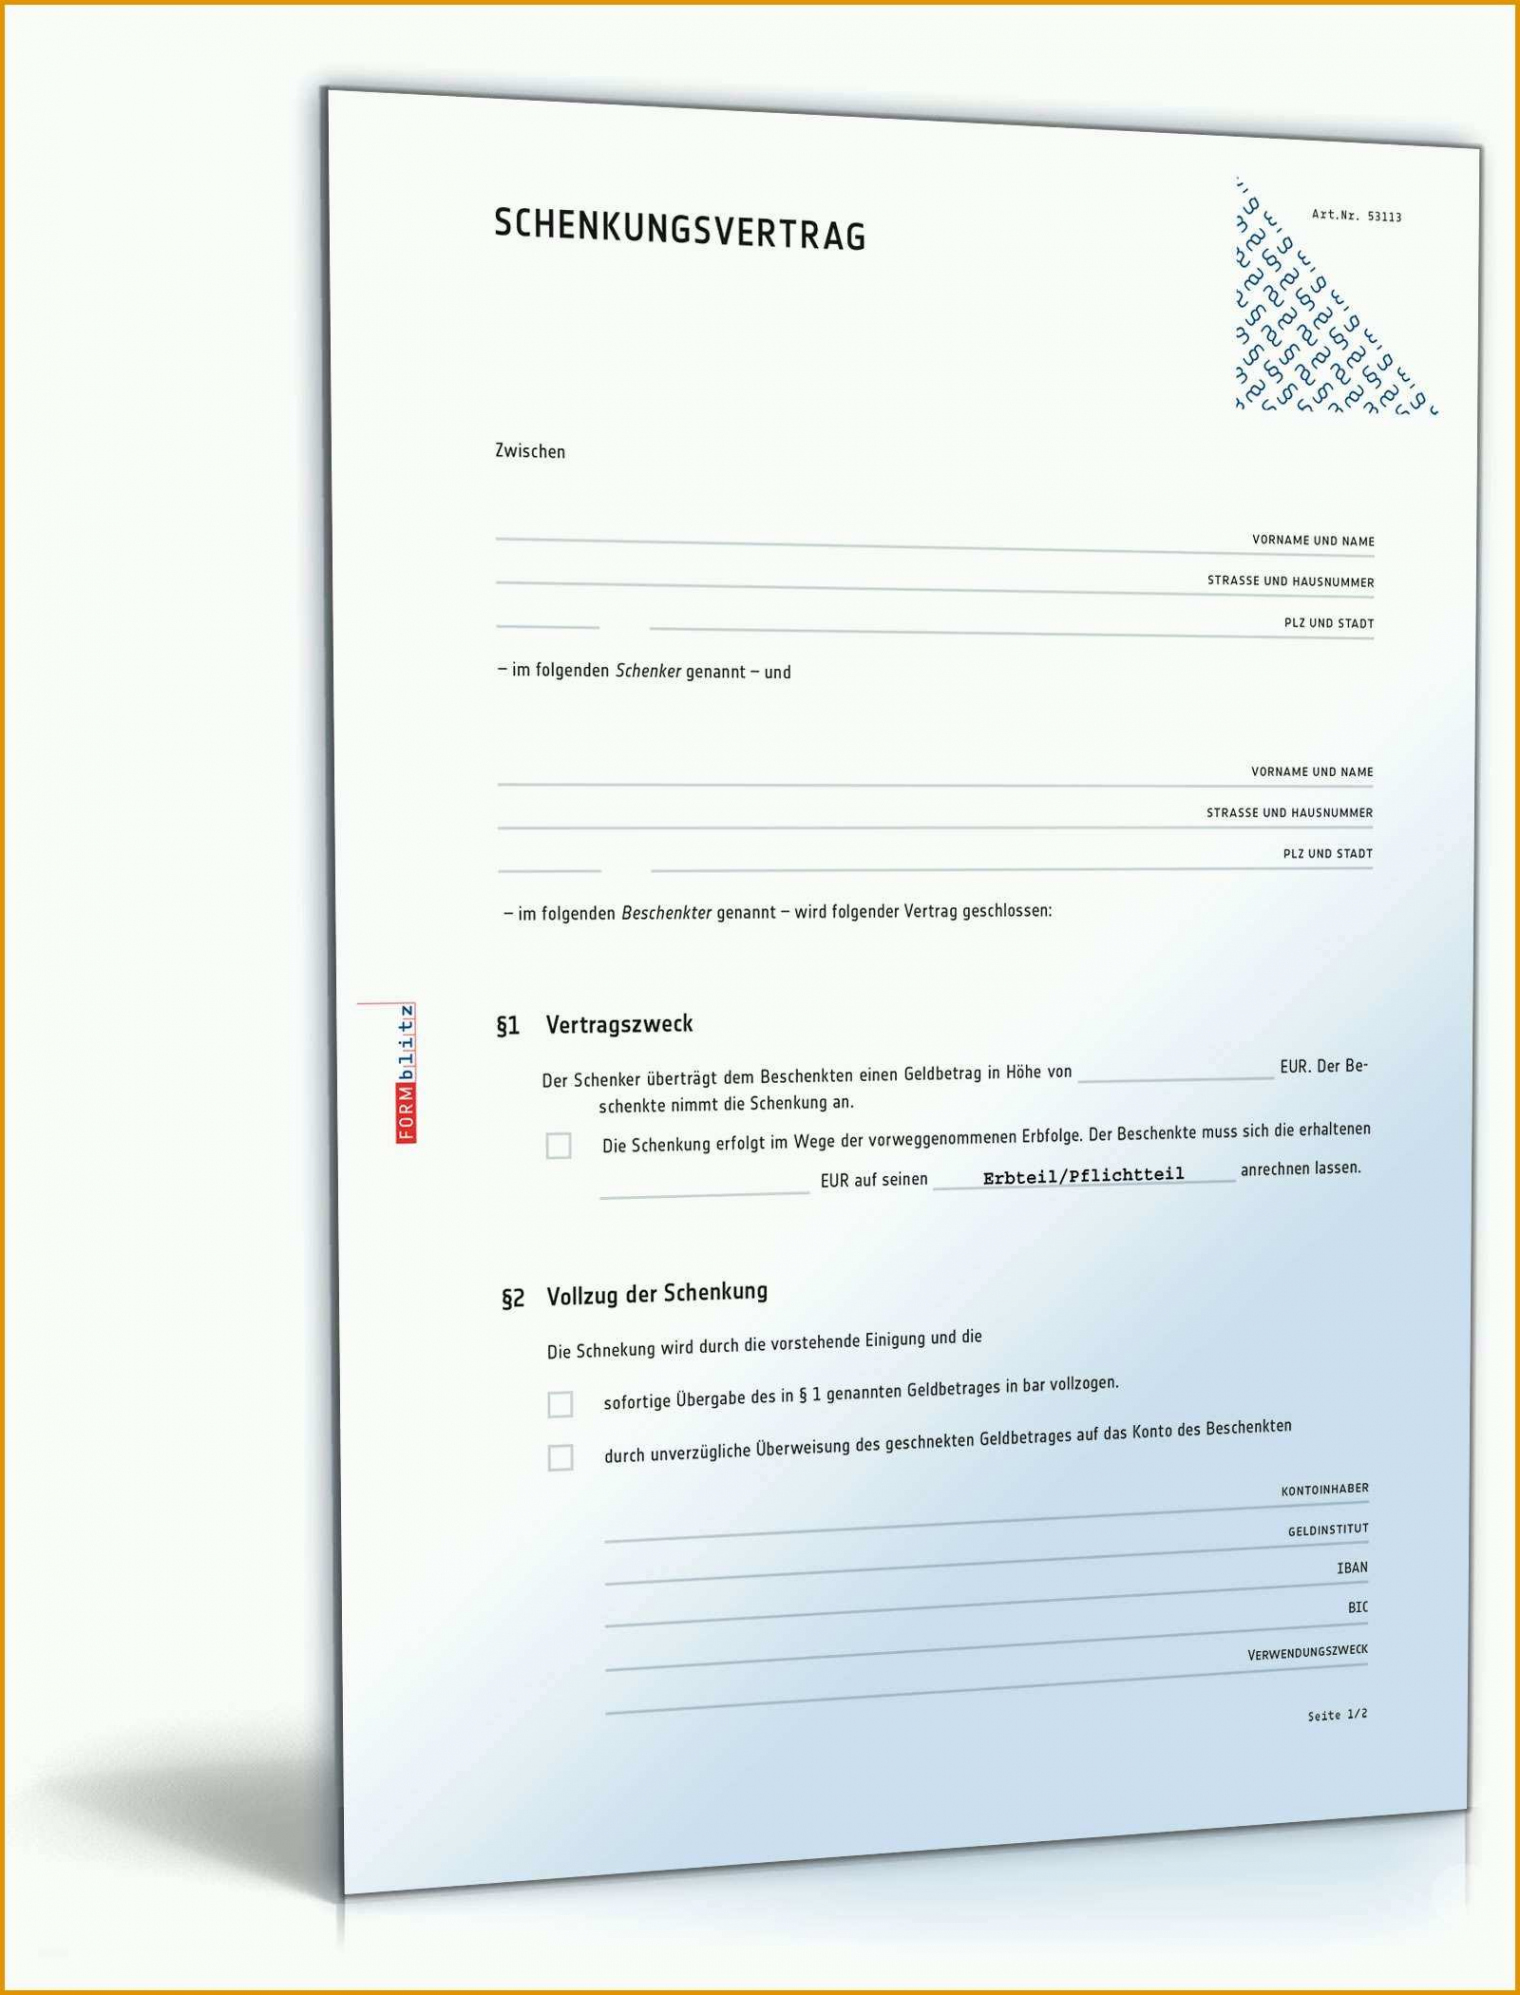 Sampler Vertrag Zwischen Privatpersonen Vorlage Doc Bearbeitbar